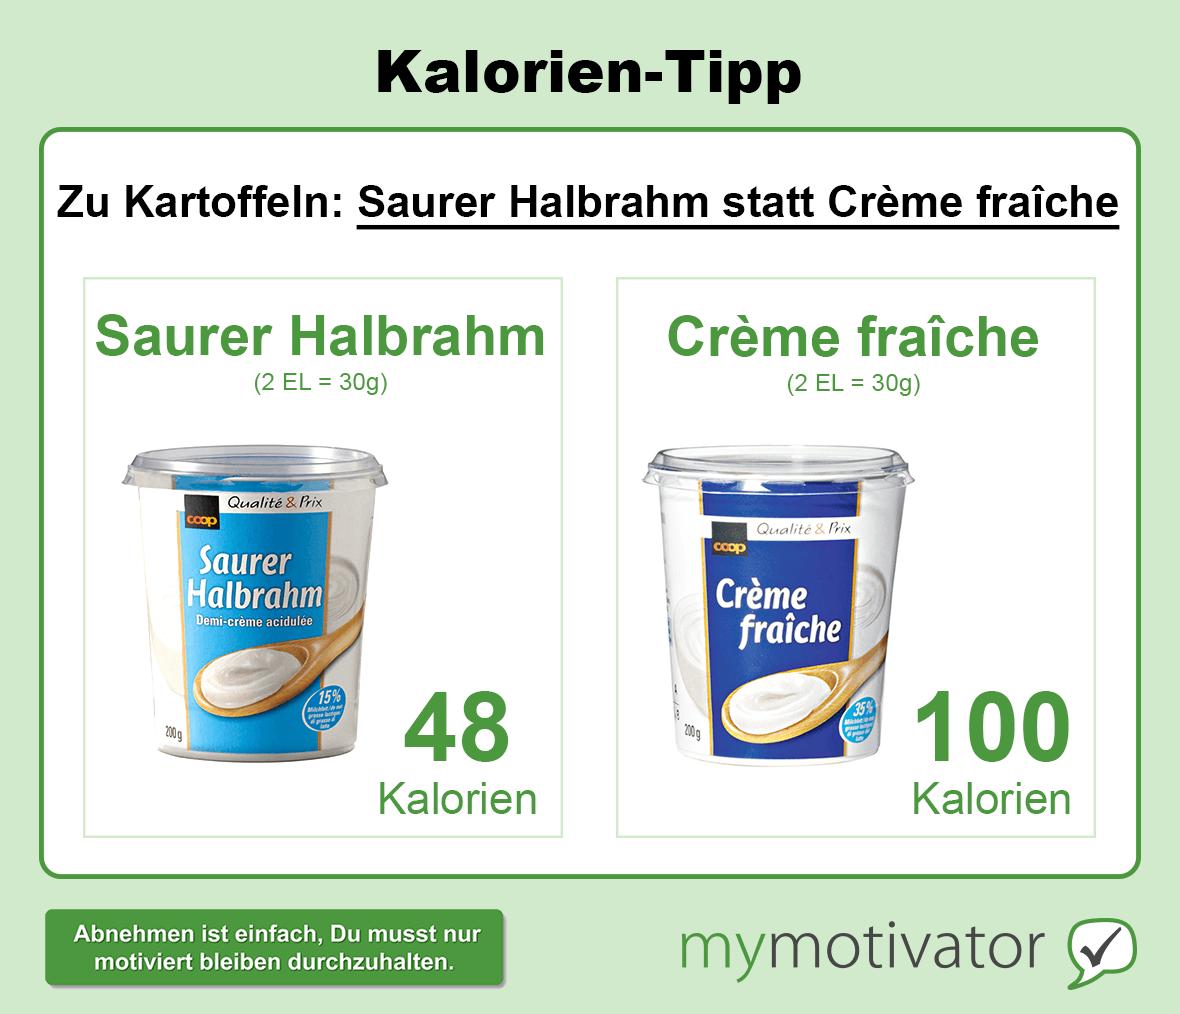 bratwurst kalorien 1 stück